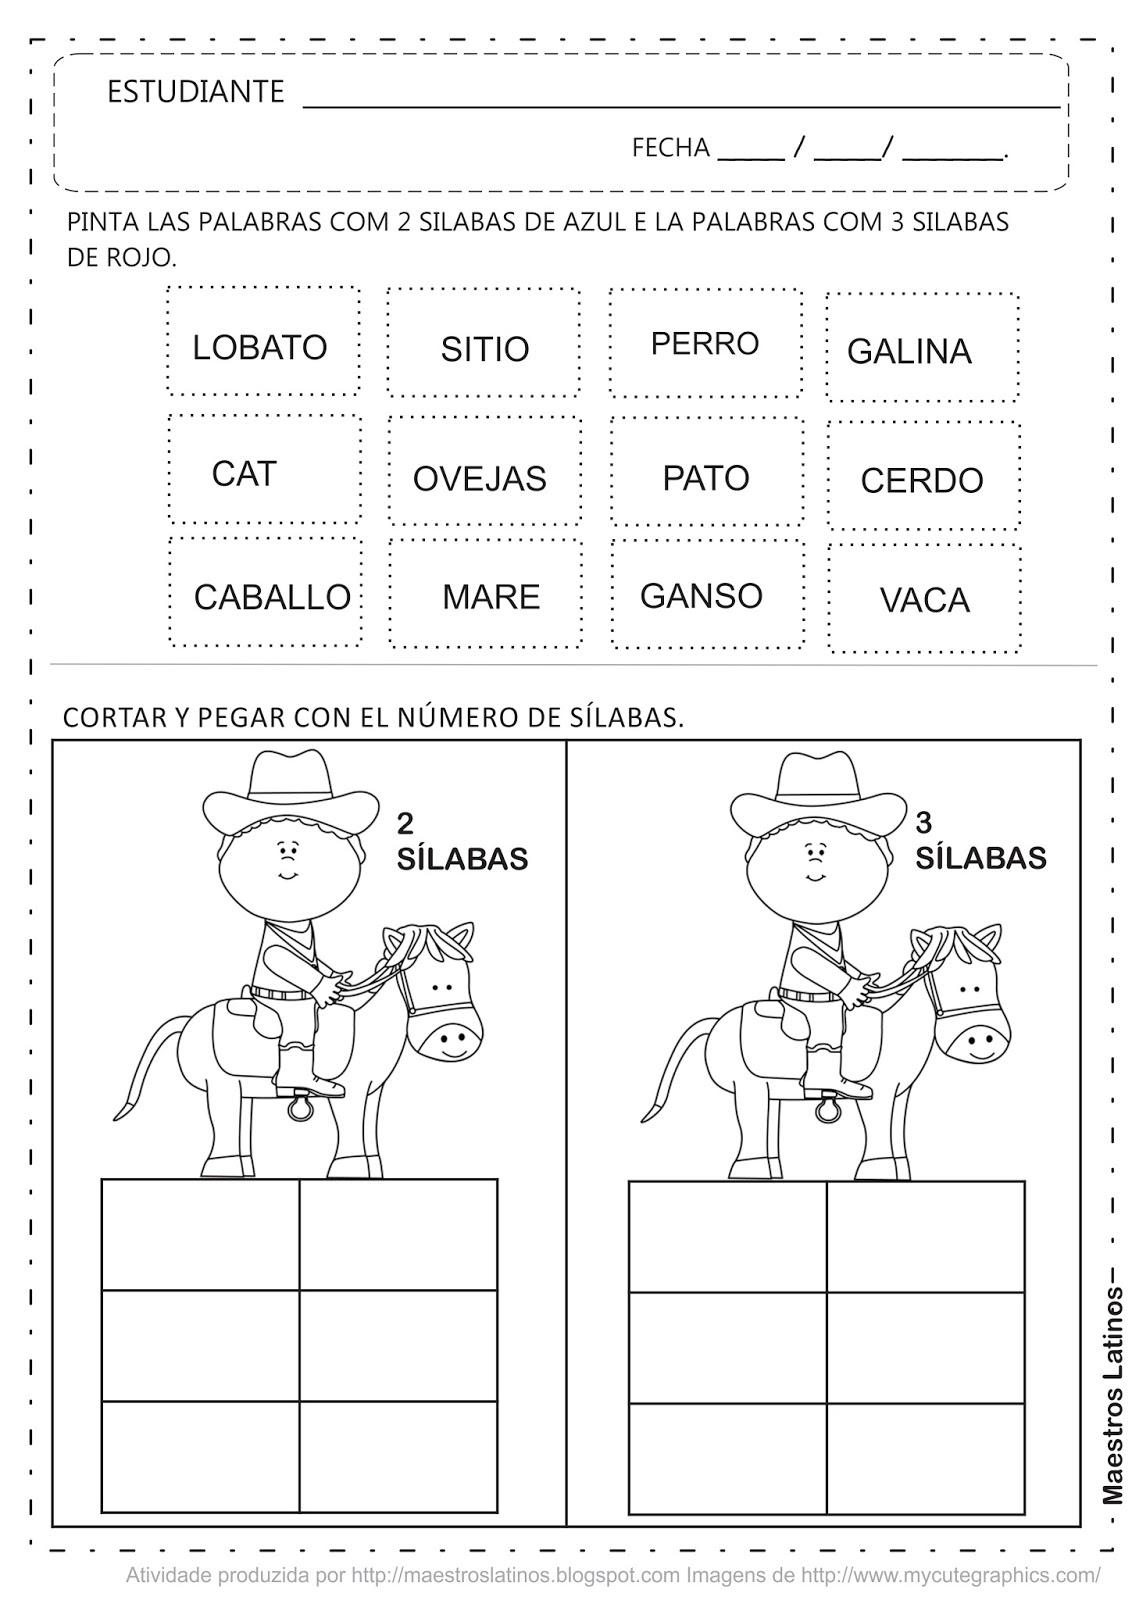 Actividad Educacion Infantil Cortar y Pegar Don Lobato y su Sitio